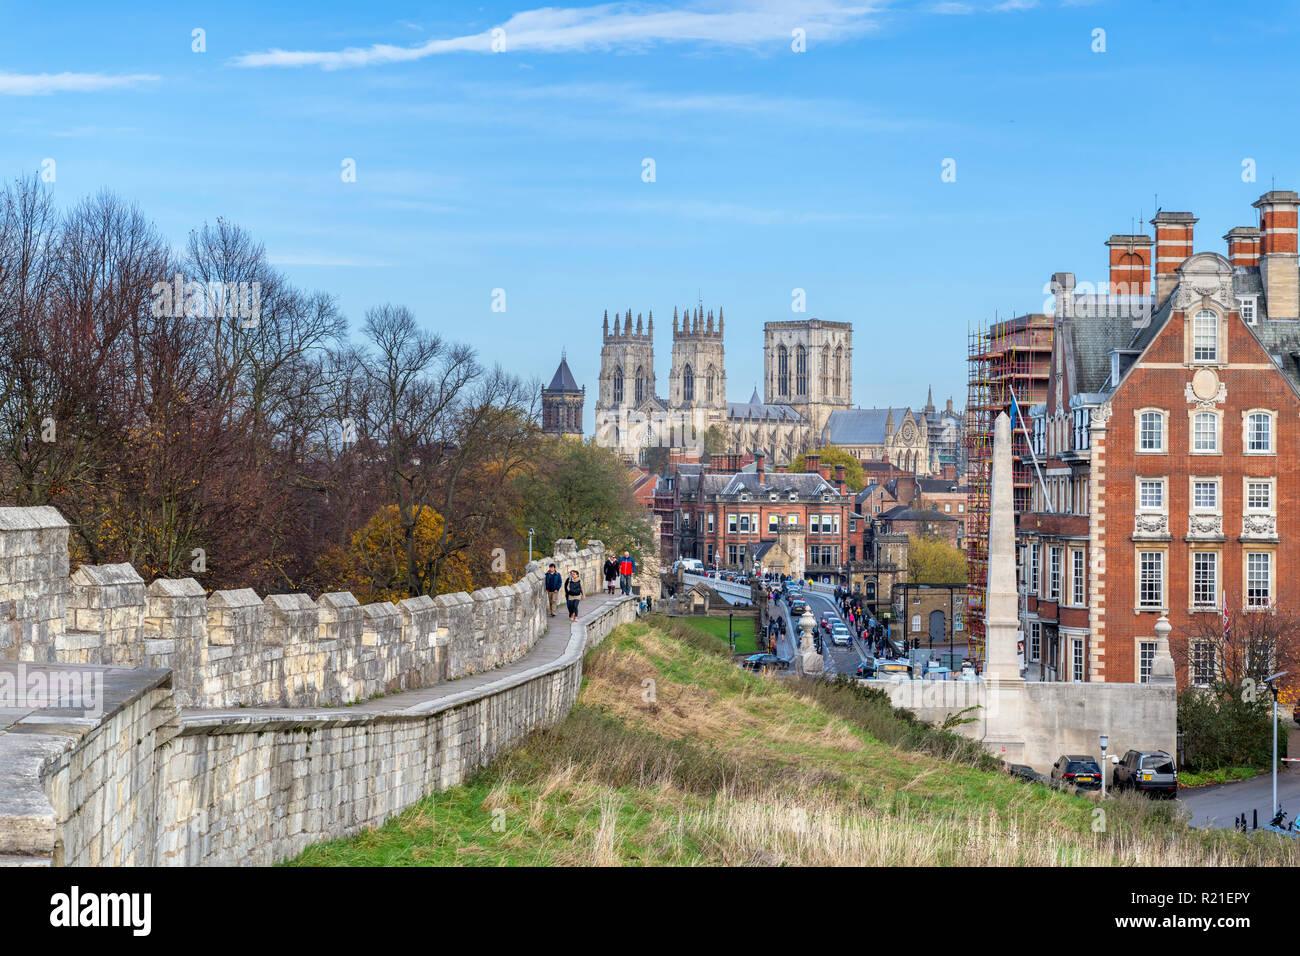 Vista a lo largo de las paredes hacia York York Minster (Catedral de York), York, North Yorkshire, Inglaterra Foto de stock